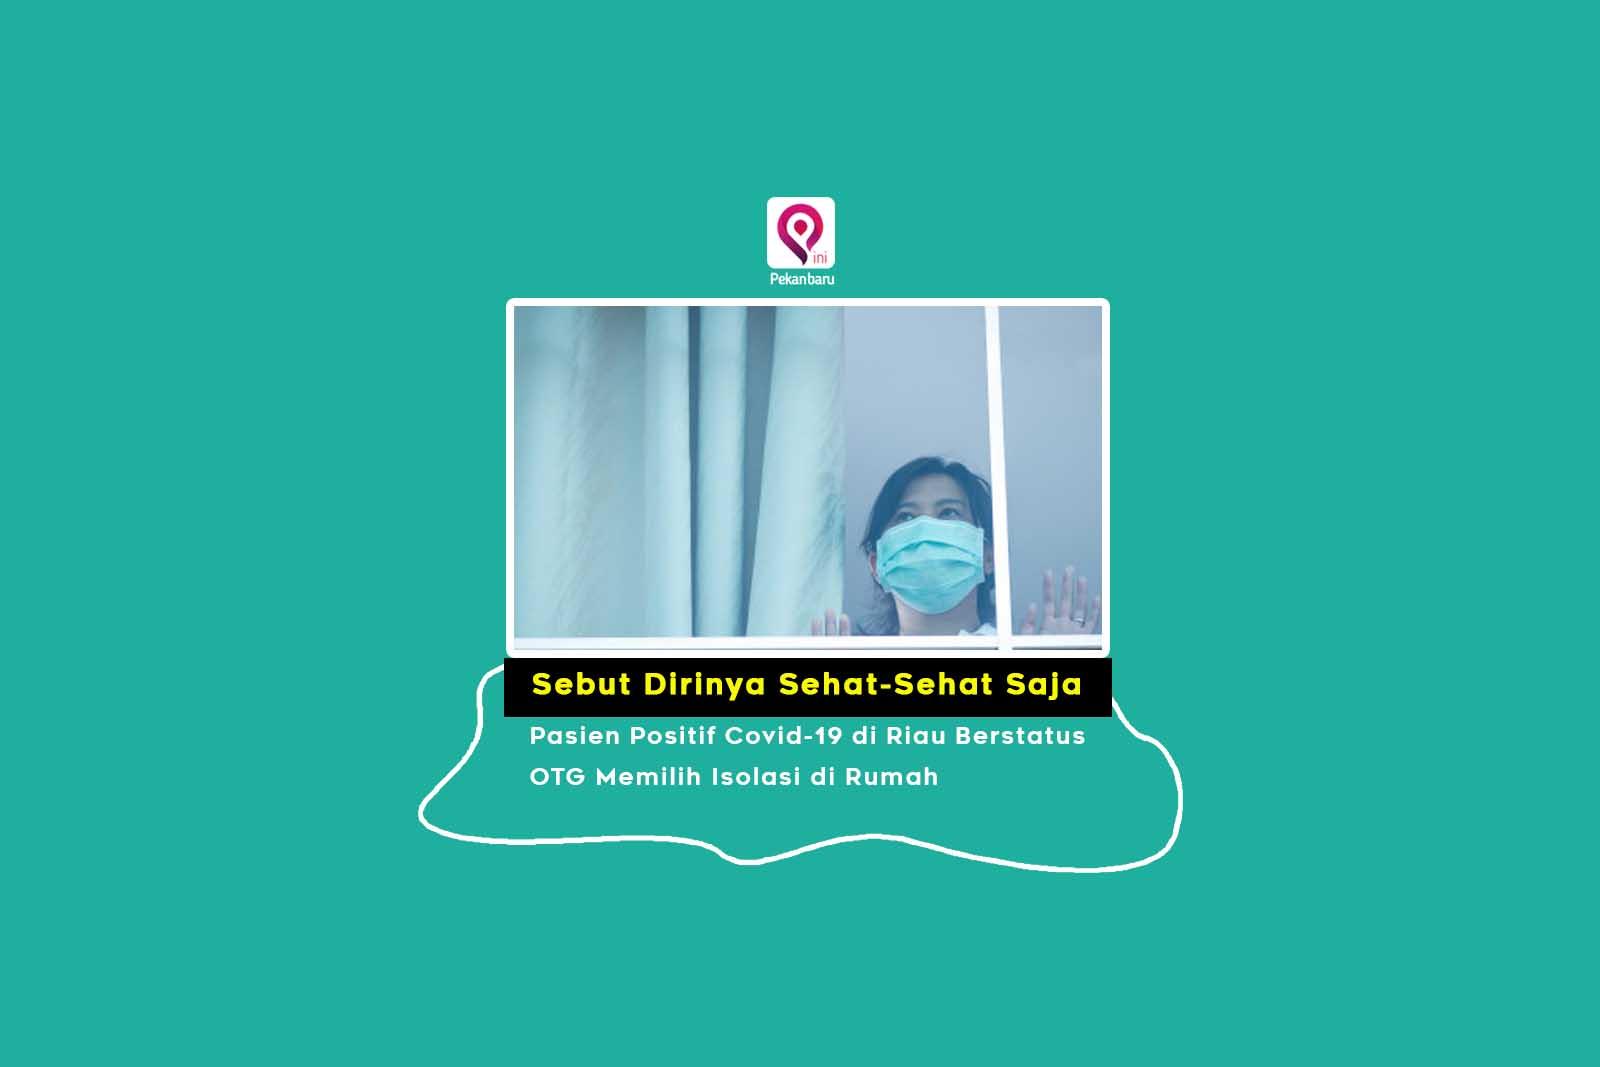 Sebut Dirinya Sehat-Sehat Saja, Pasien Positif Covid-19 di Riau Berstatus OTG Memilih Isolasi di Rumah